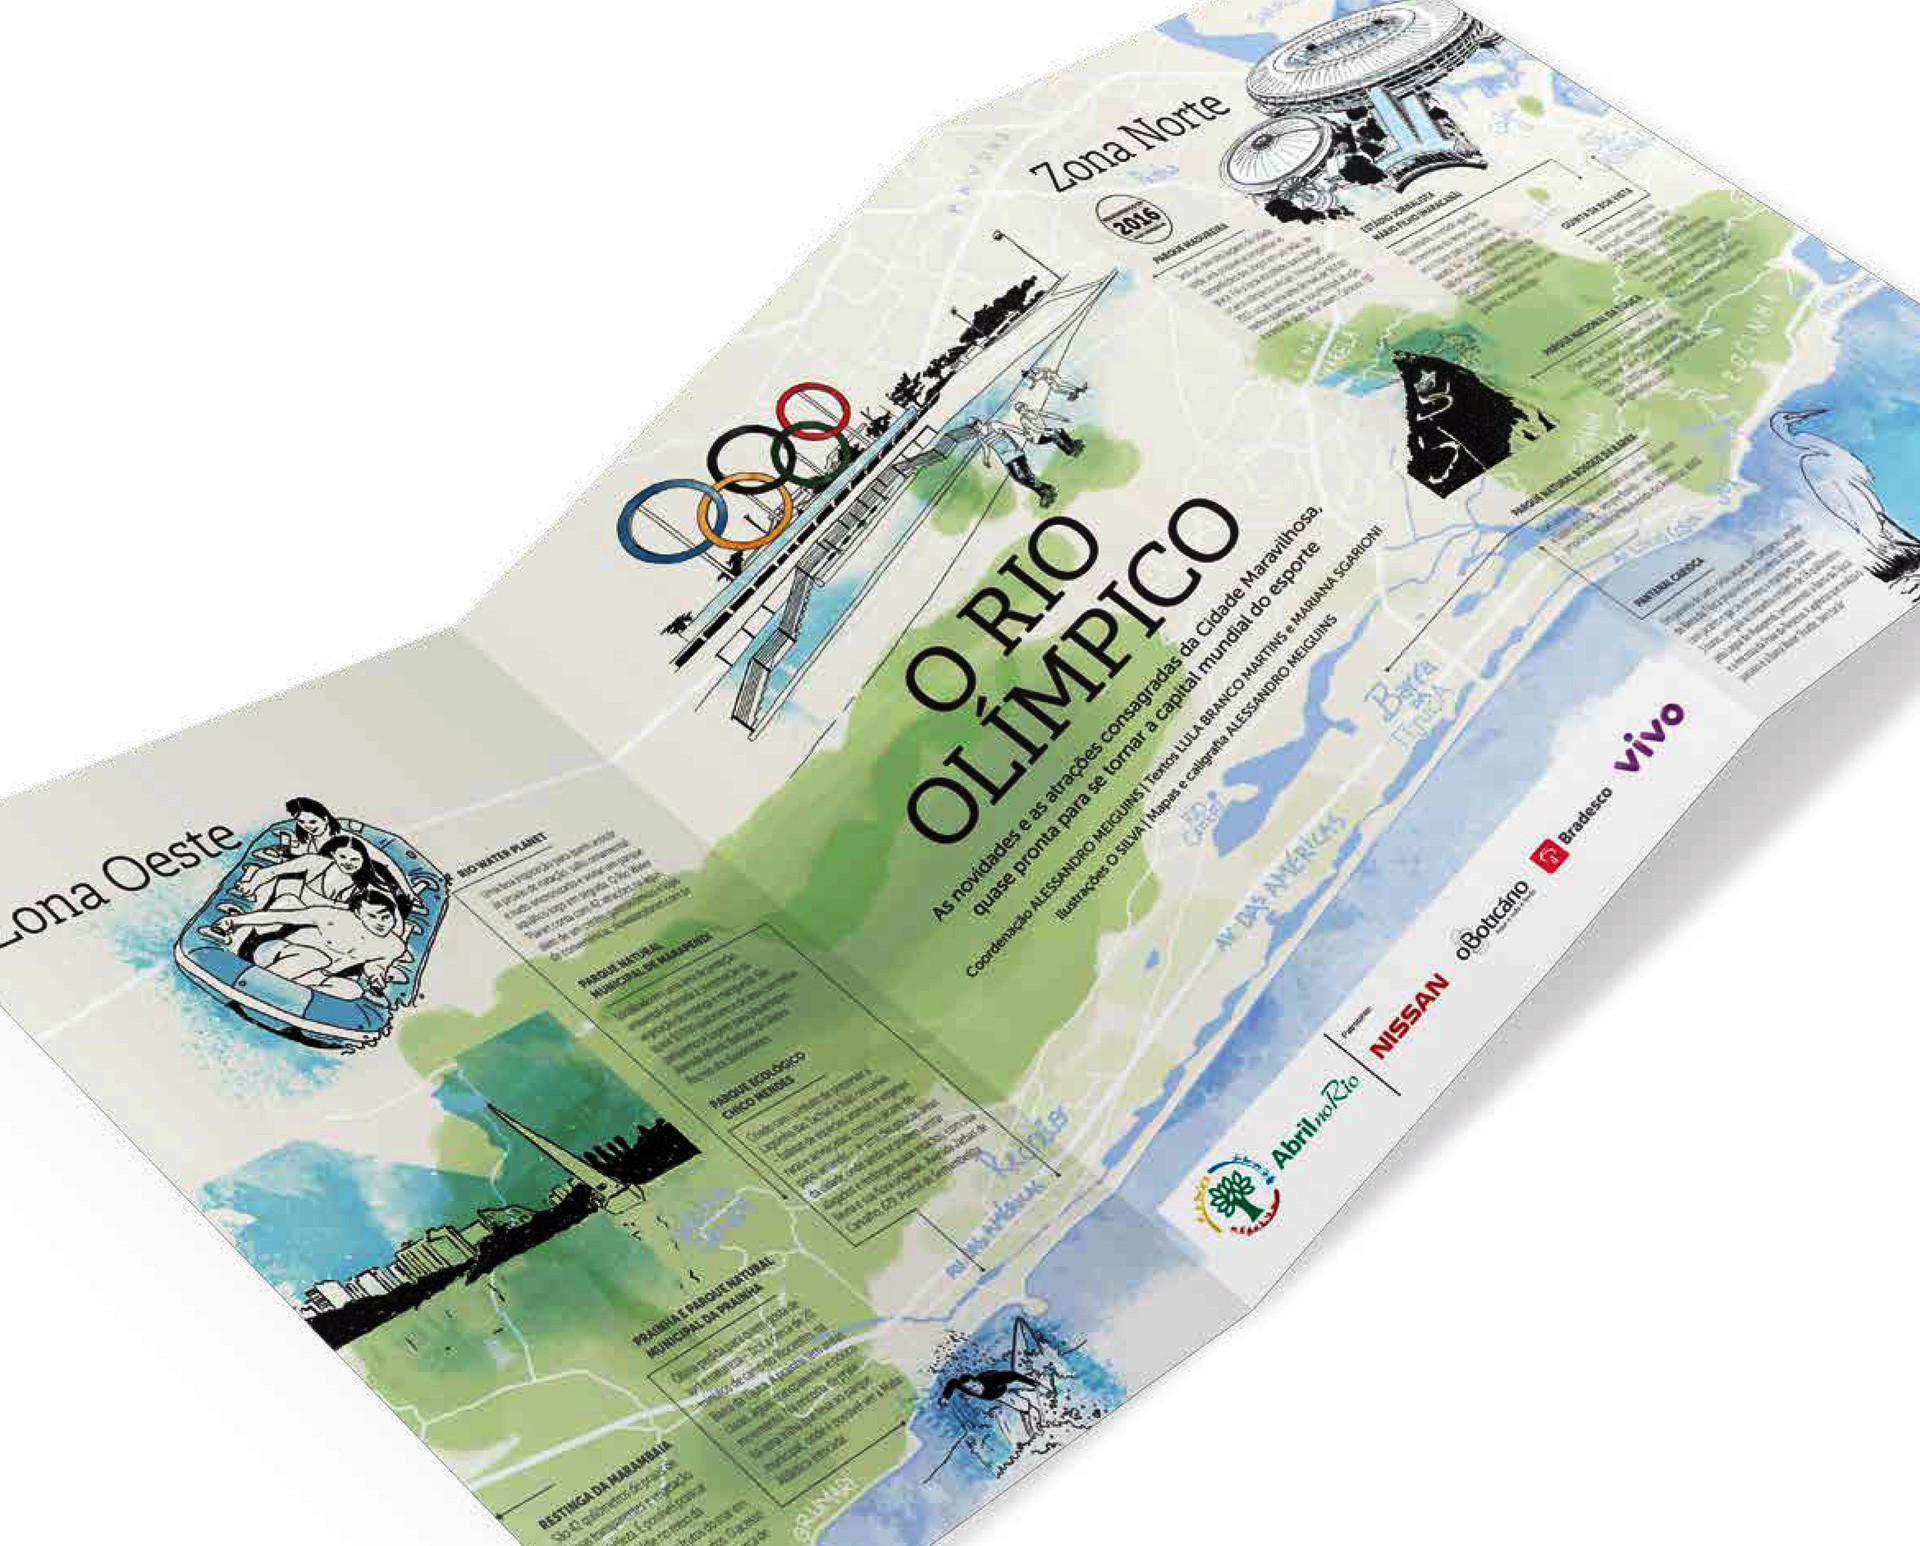 Atraçõe do Rio na Olimpíada do Brasil